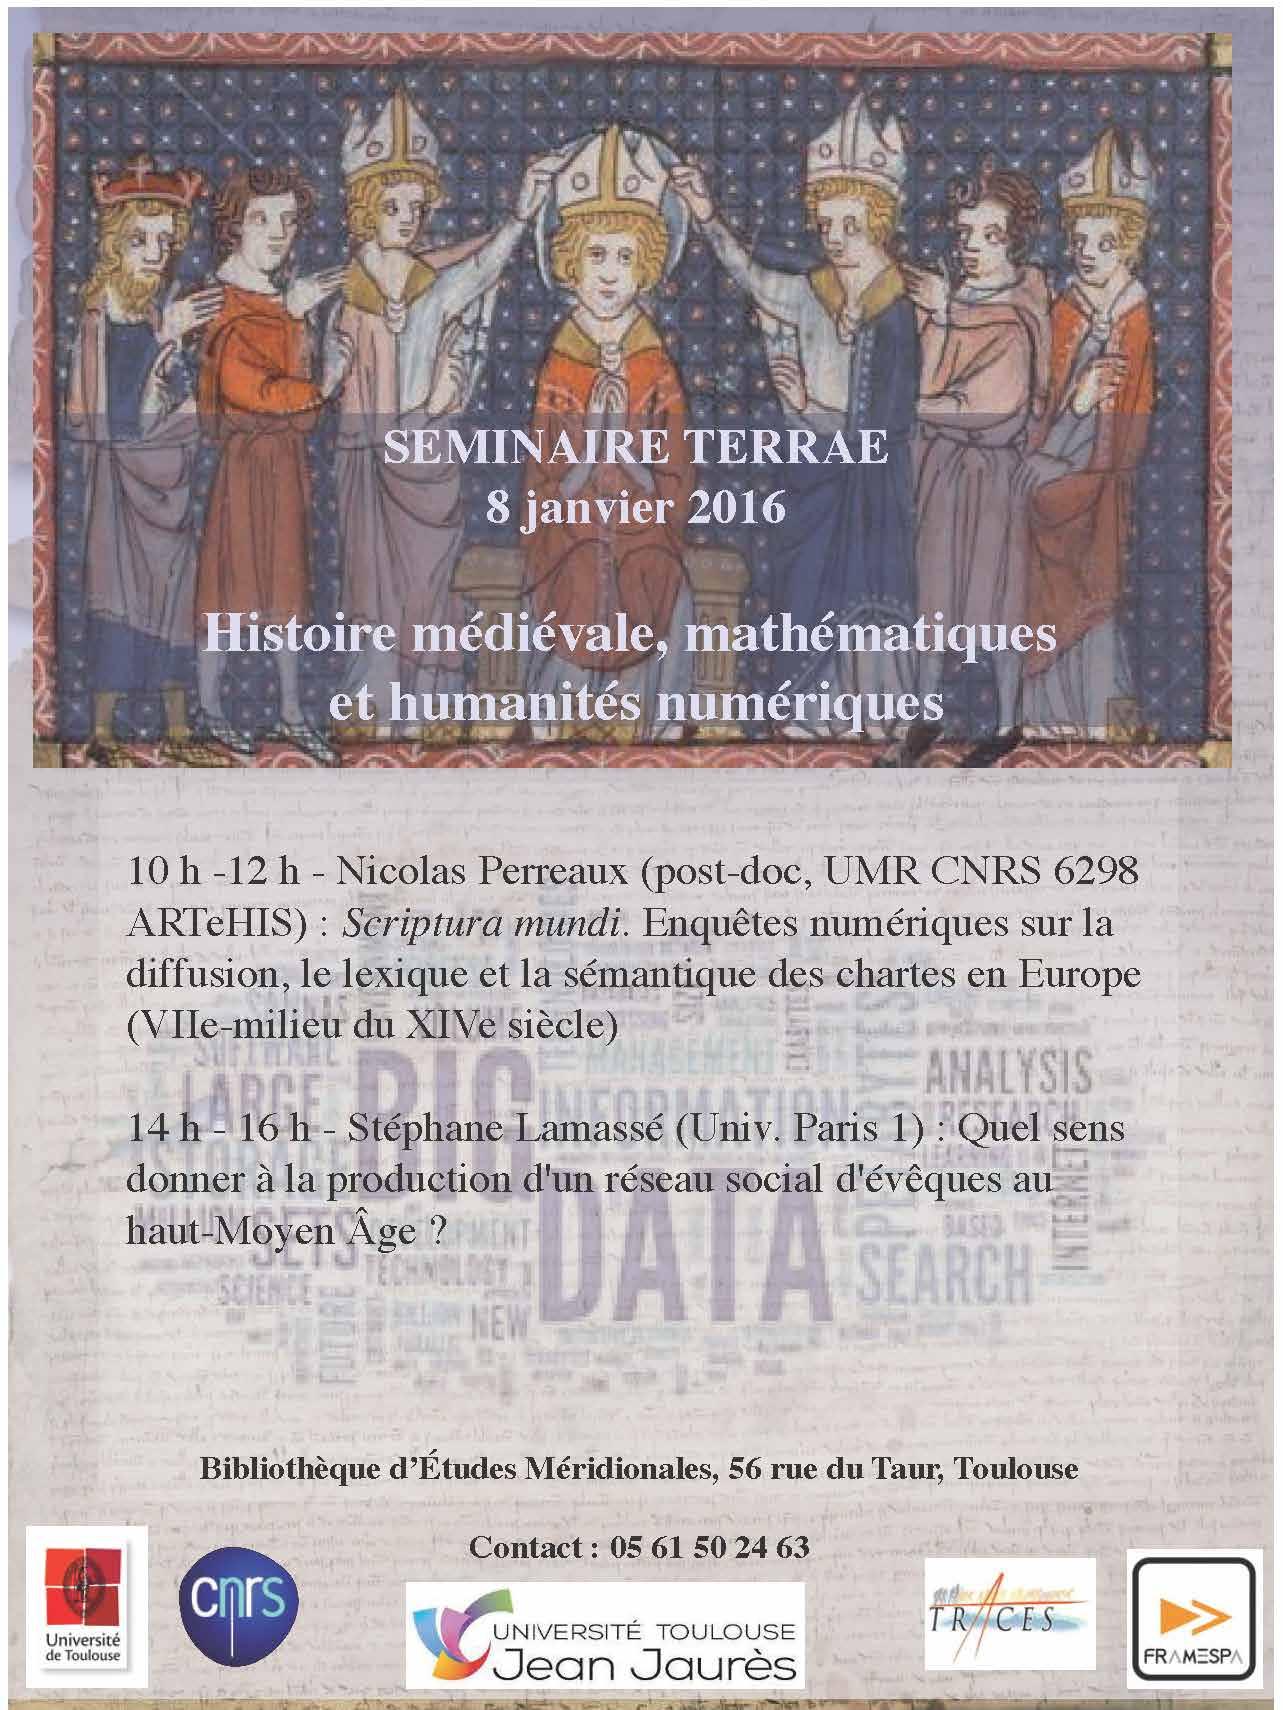 2015-11-6-_Terrae-Seminaire-affiche v22.jpg